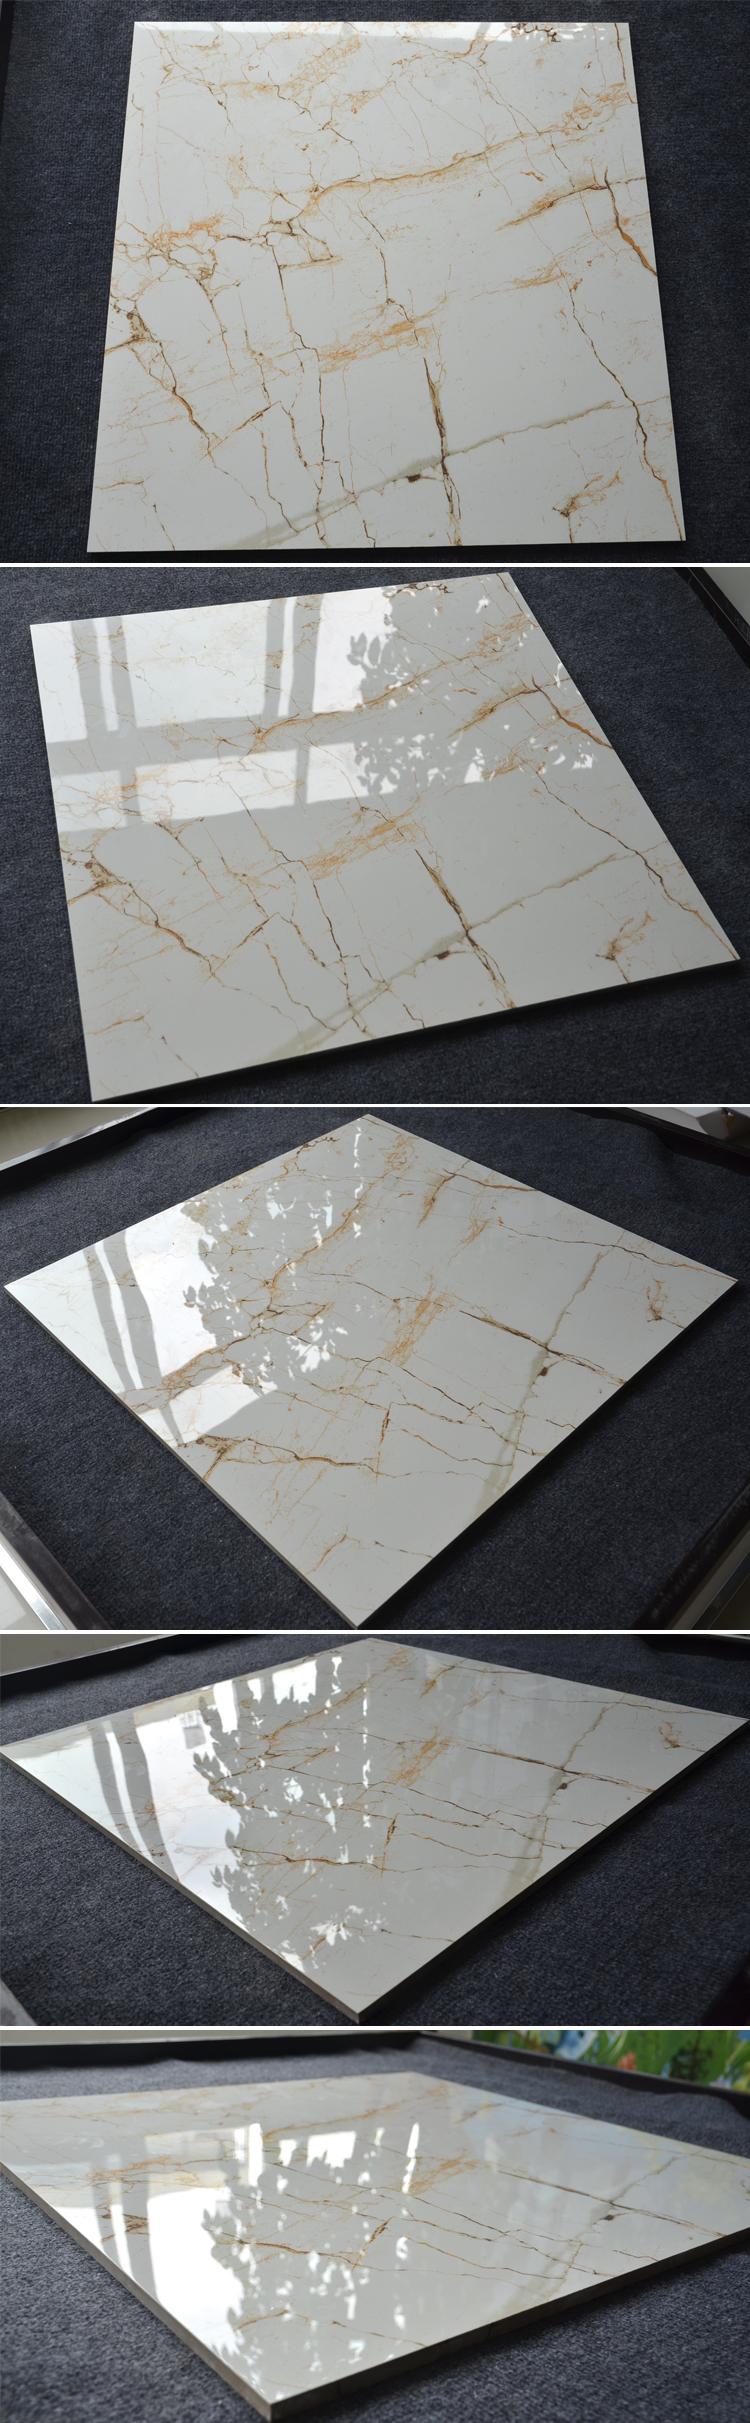 Hs637gn glazed polished tile ceramic tile looks like stone royal hs637gn glazed polished tile ceramic tile looks like stone royal ceramic tiles dailygadgetfo Gallery